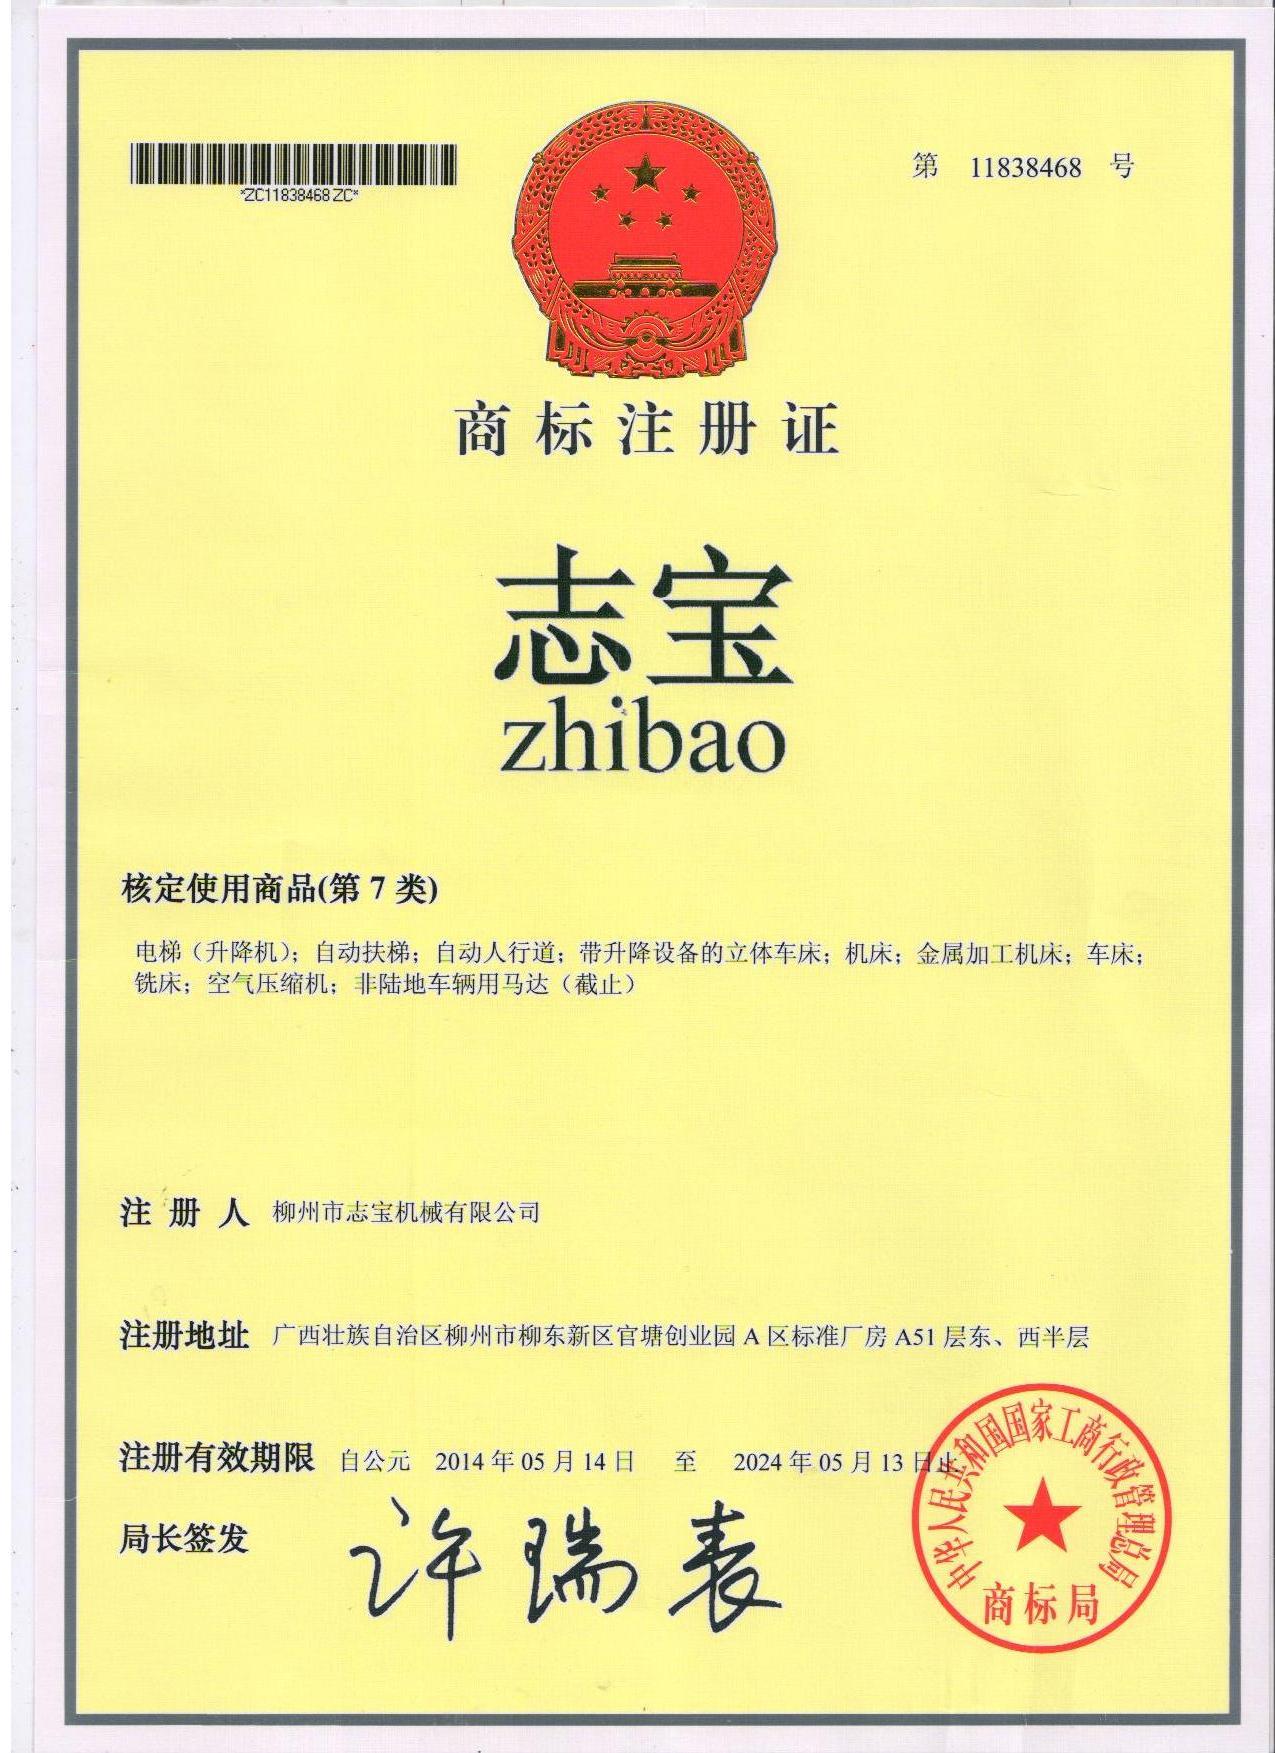 柳州市志宝机械有限公司